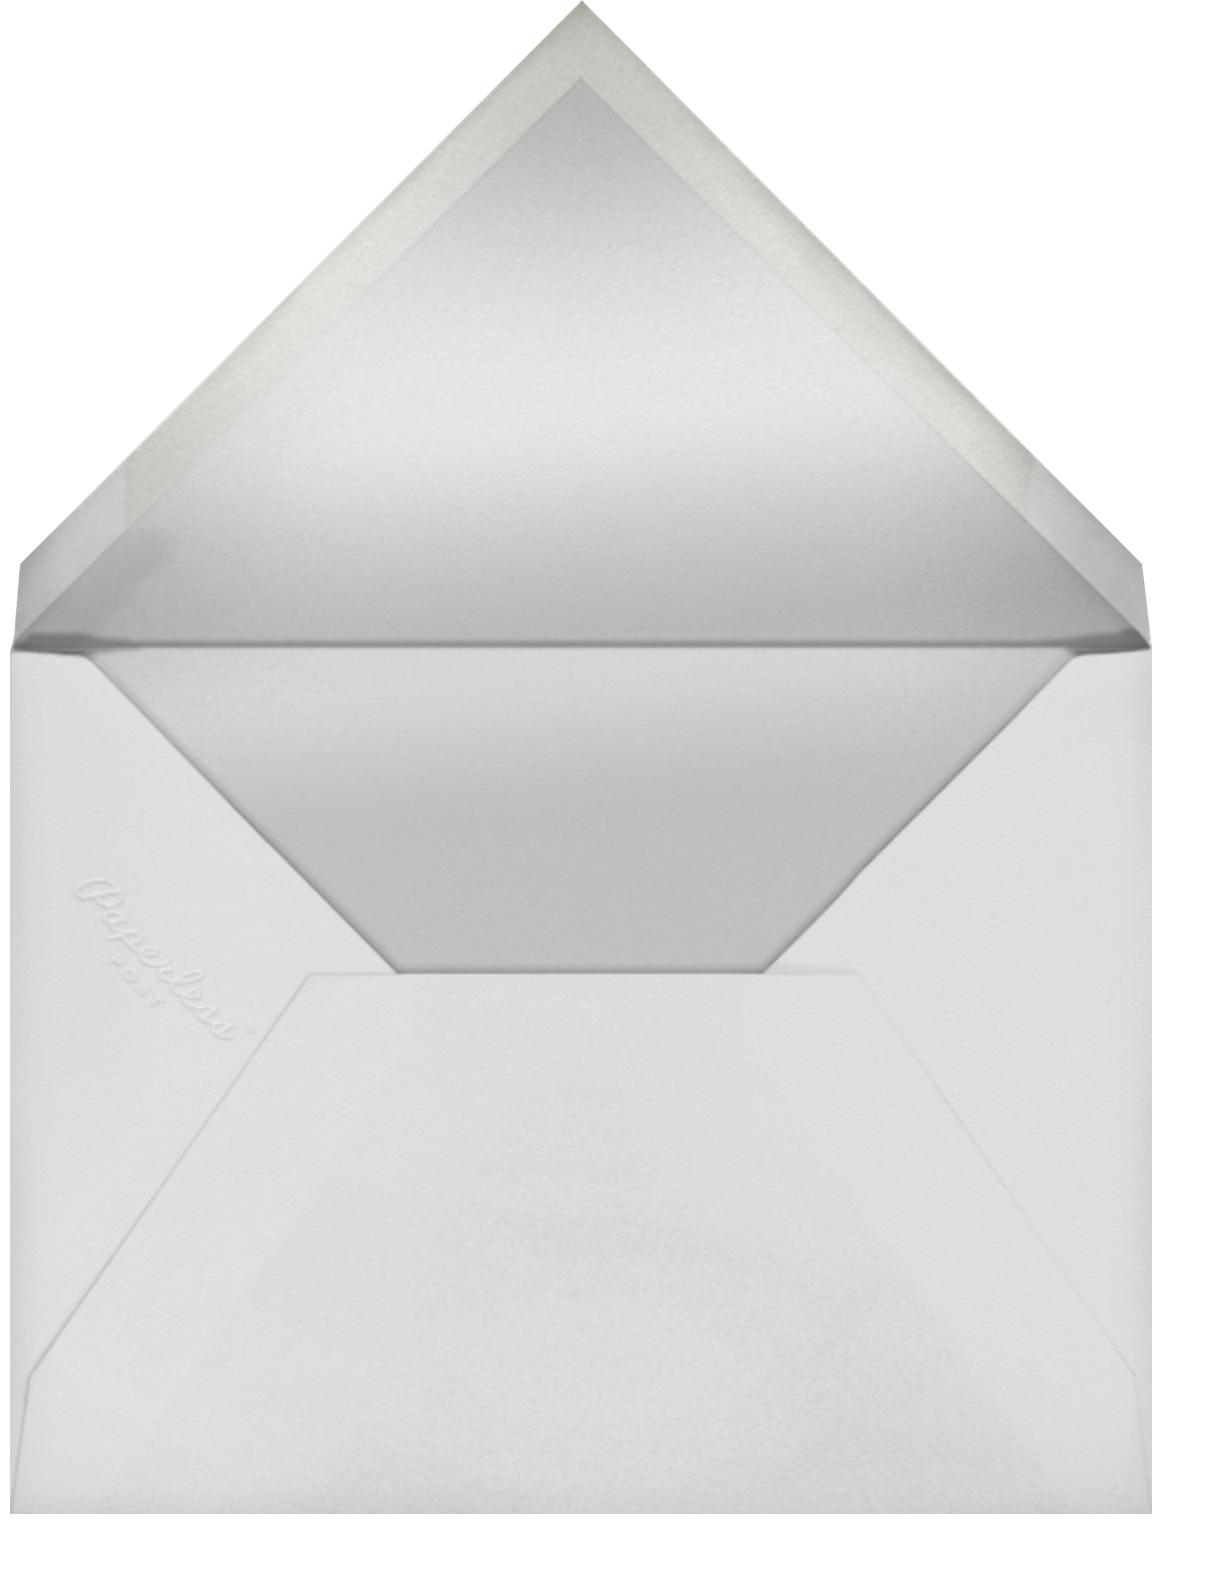 Persian Green (Square) - Paperless Post - Hanukkah - envelope back